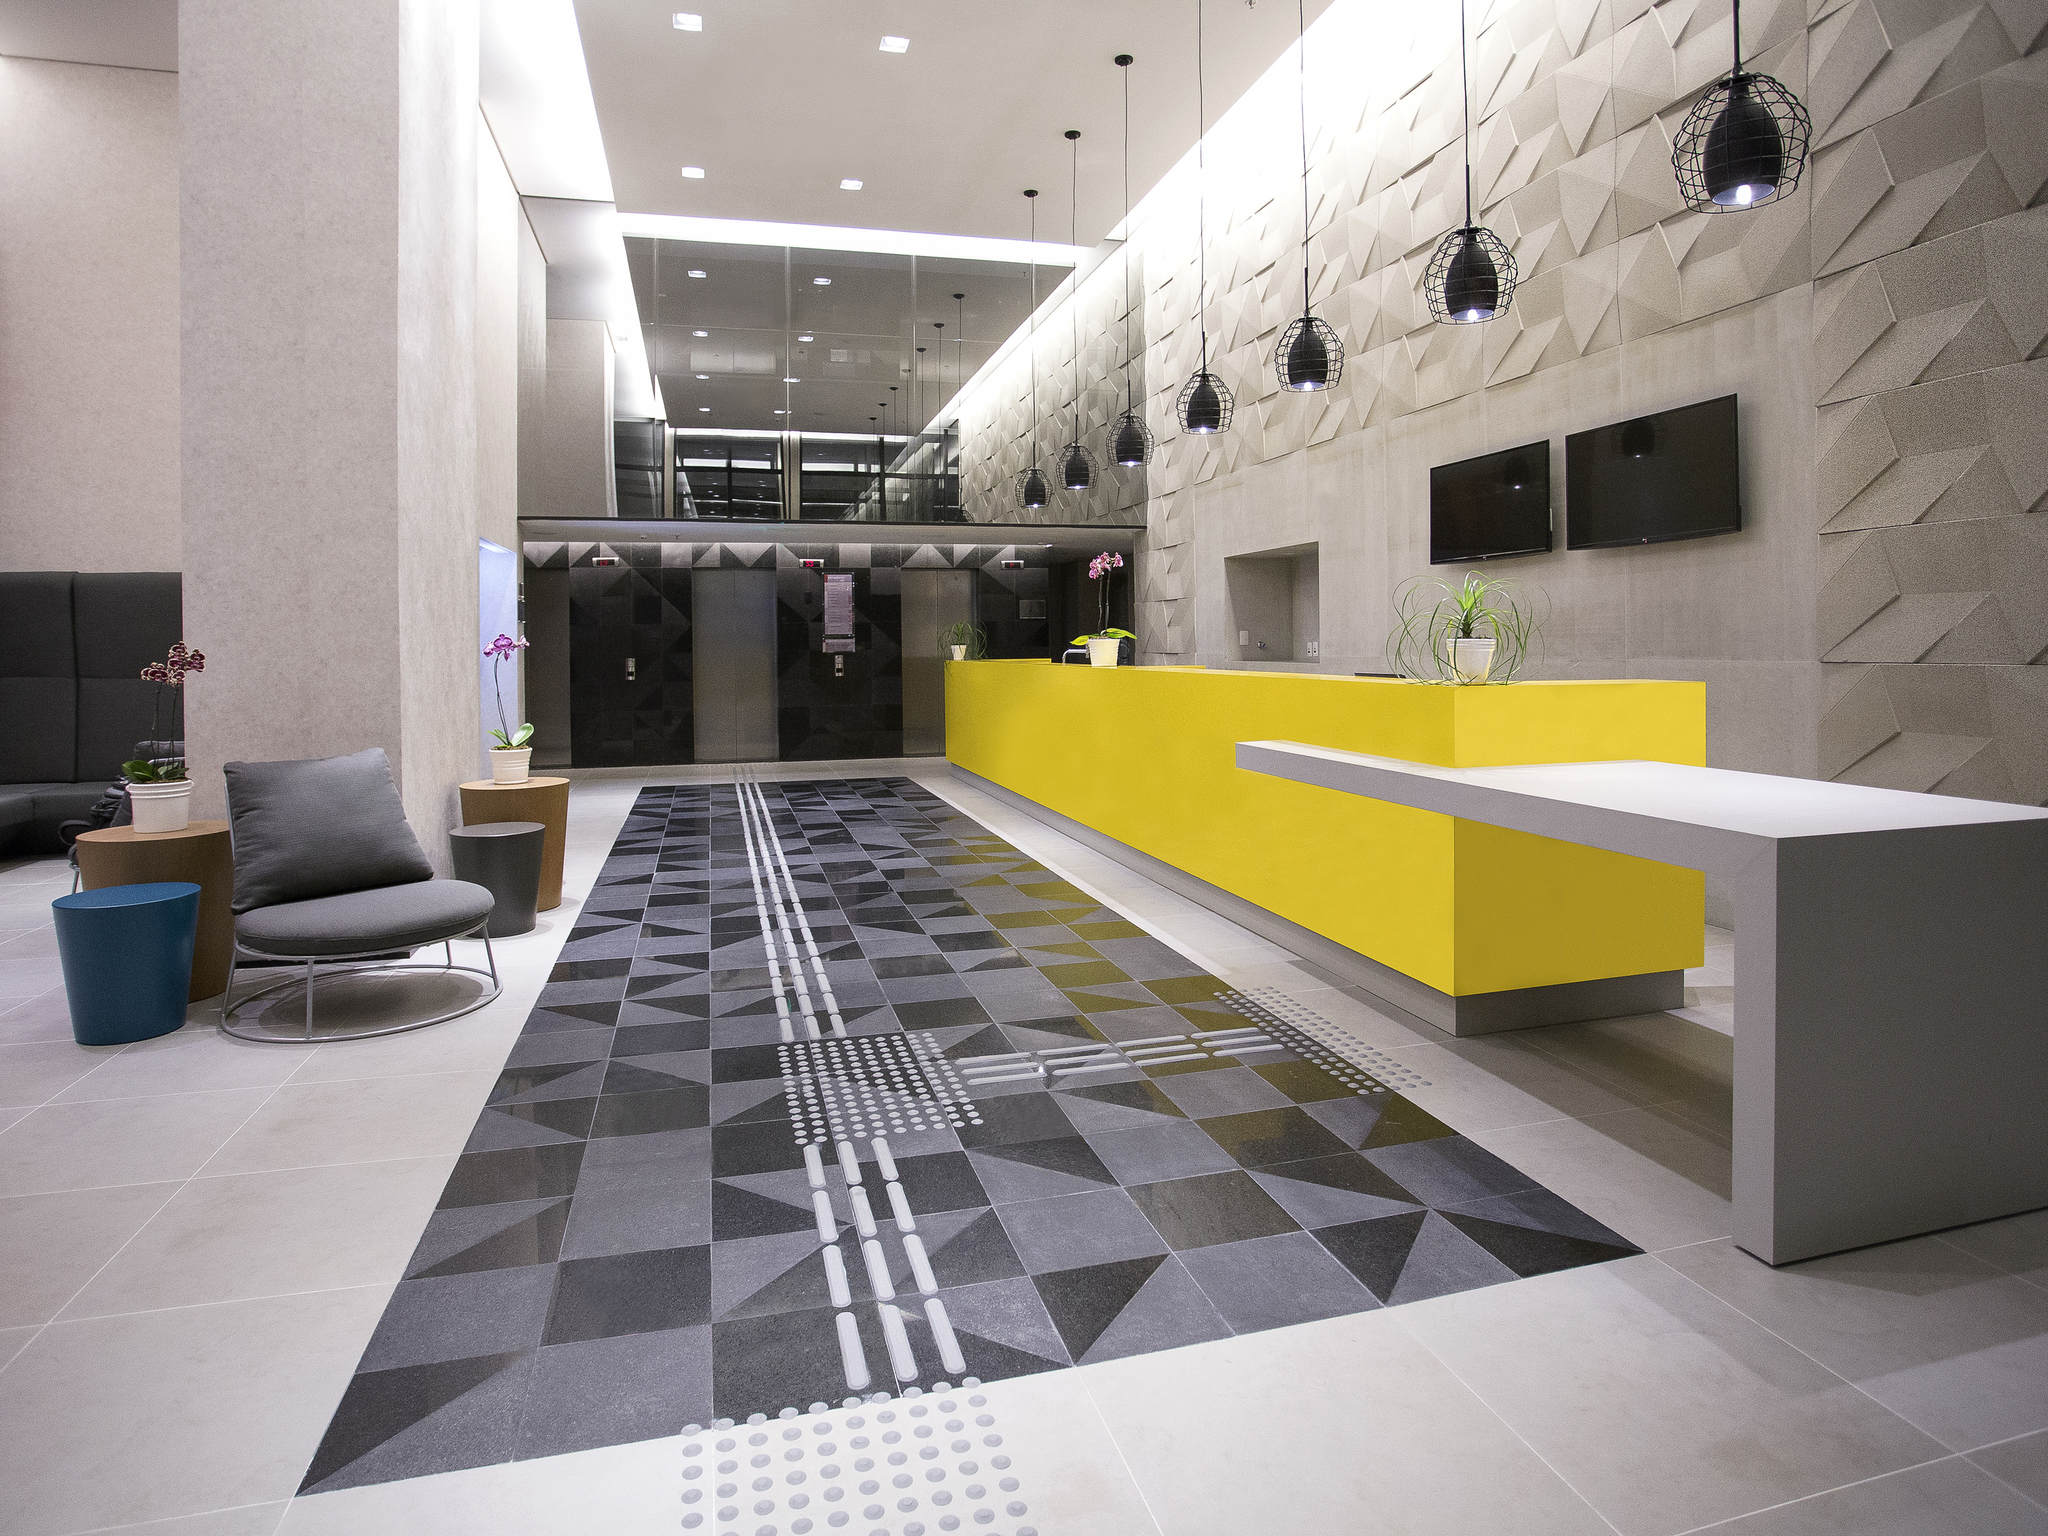 Hotel – Hotel de apartamentos Adagio Salvador